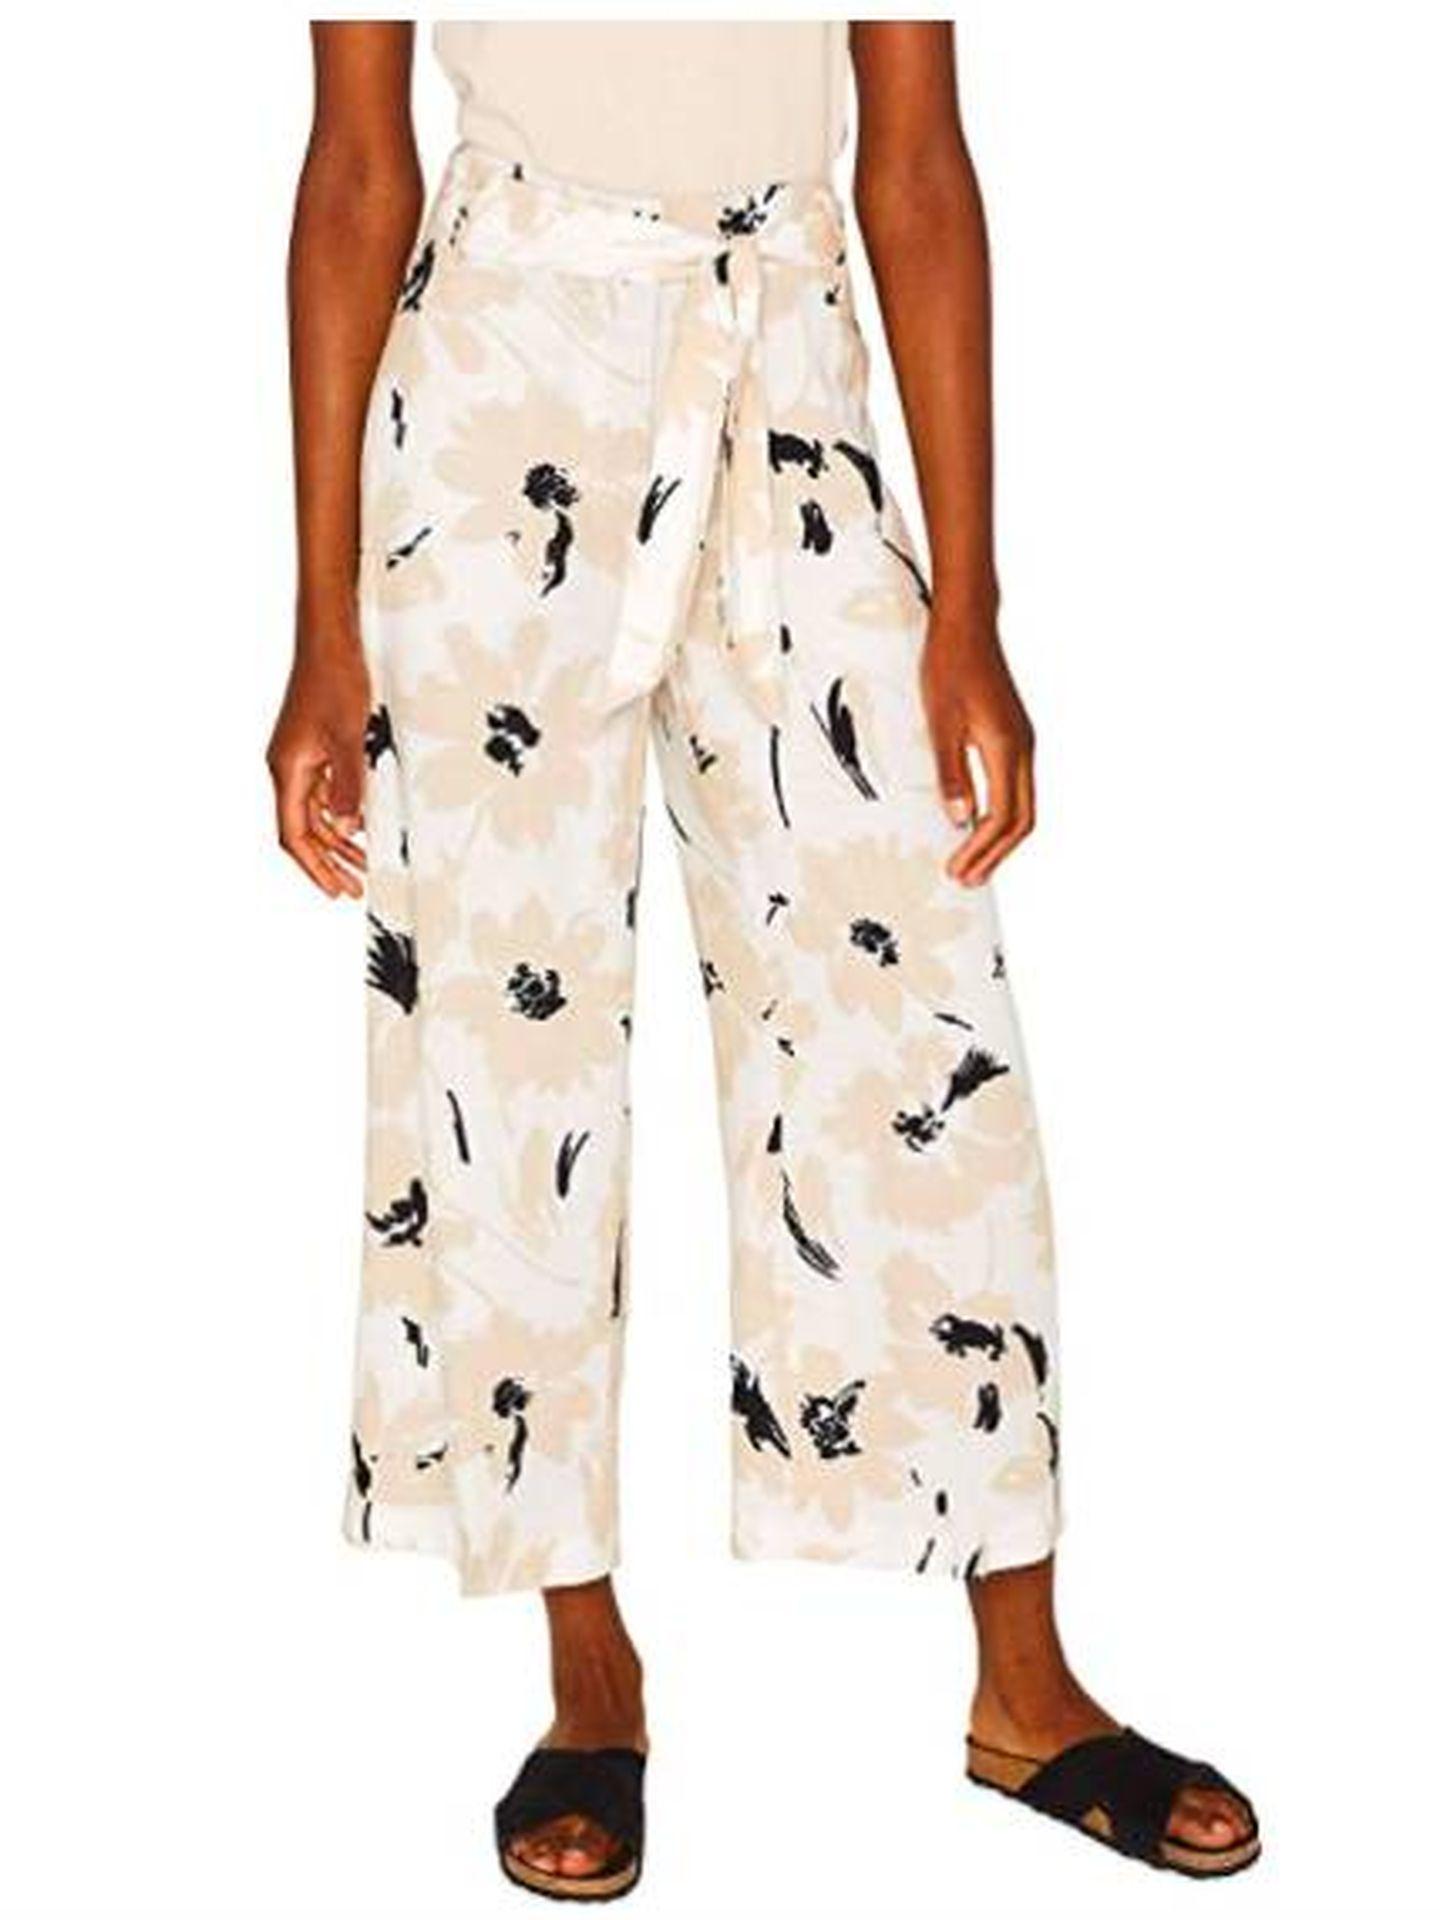 Pantalón de Esprit ideal para el verano. (Cortesía)